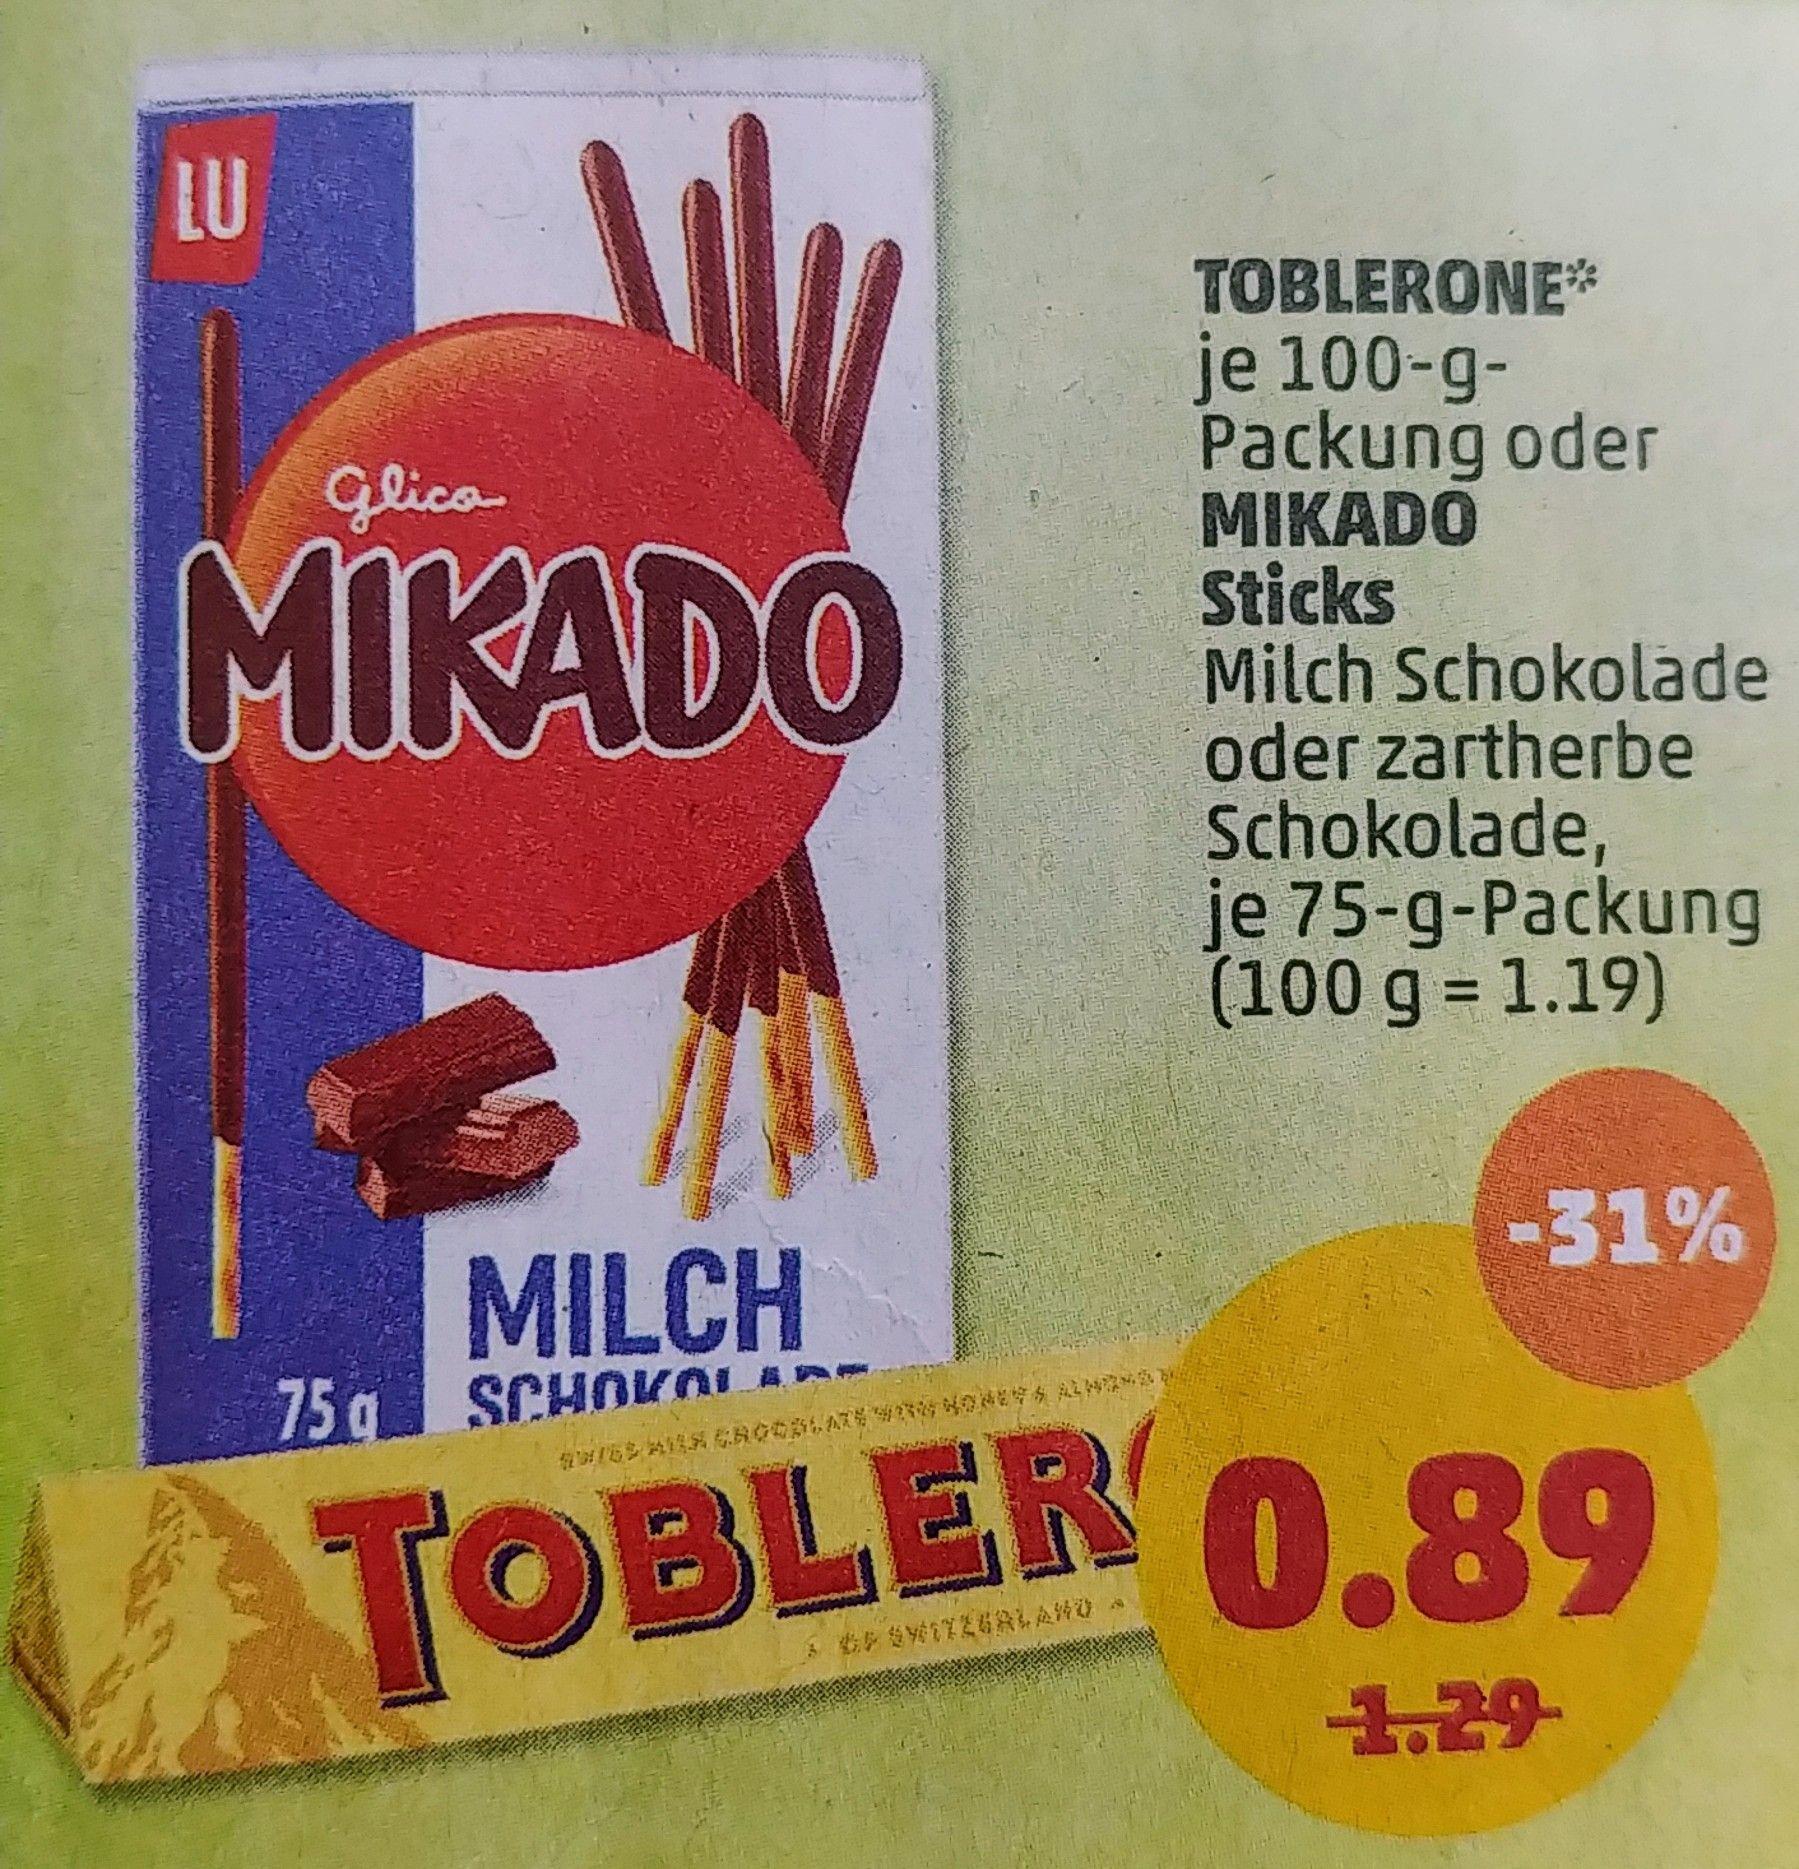 Bei Penny: Toblerone 100g, für €0,89 - nach Abzug v. €0,40 Cashback auf Marktguru für nur €0,49!